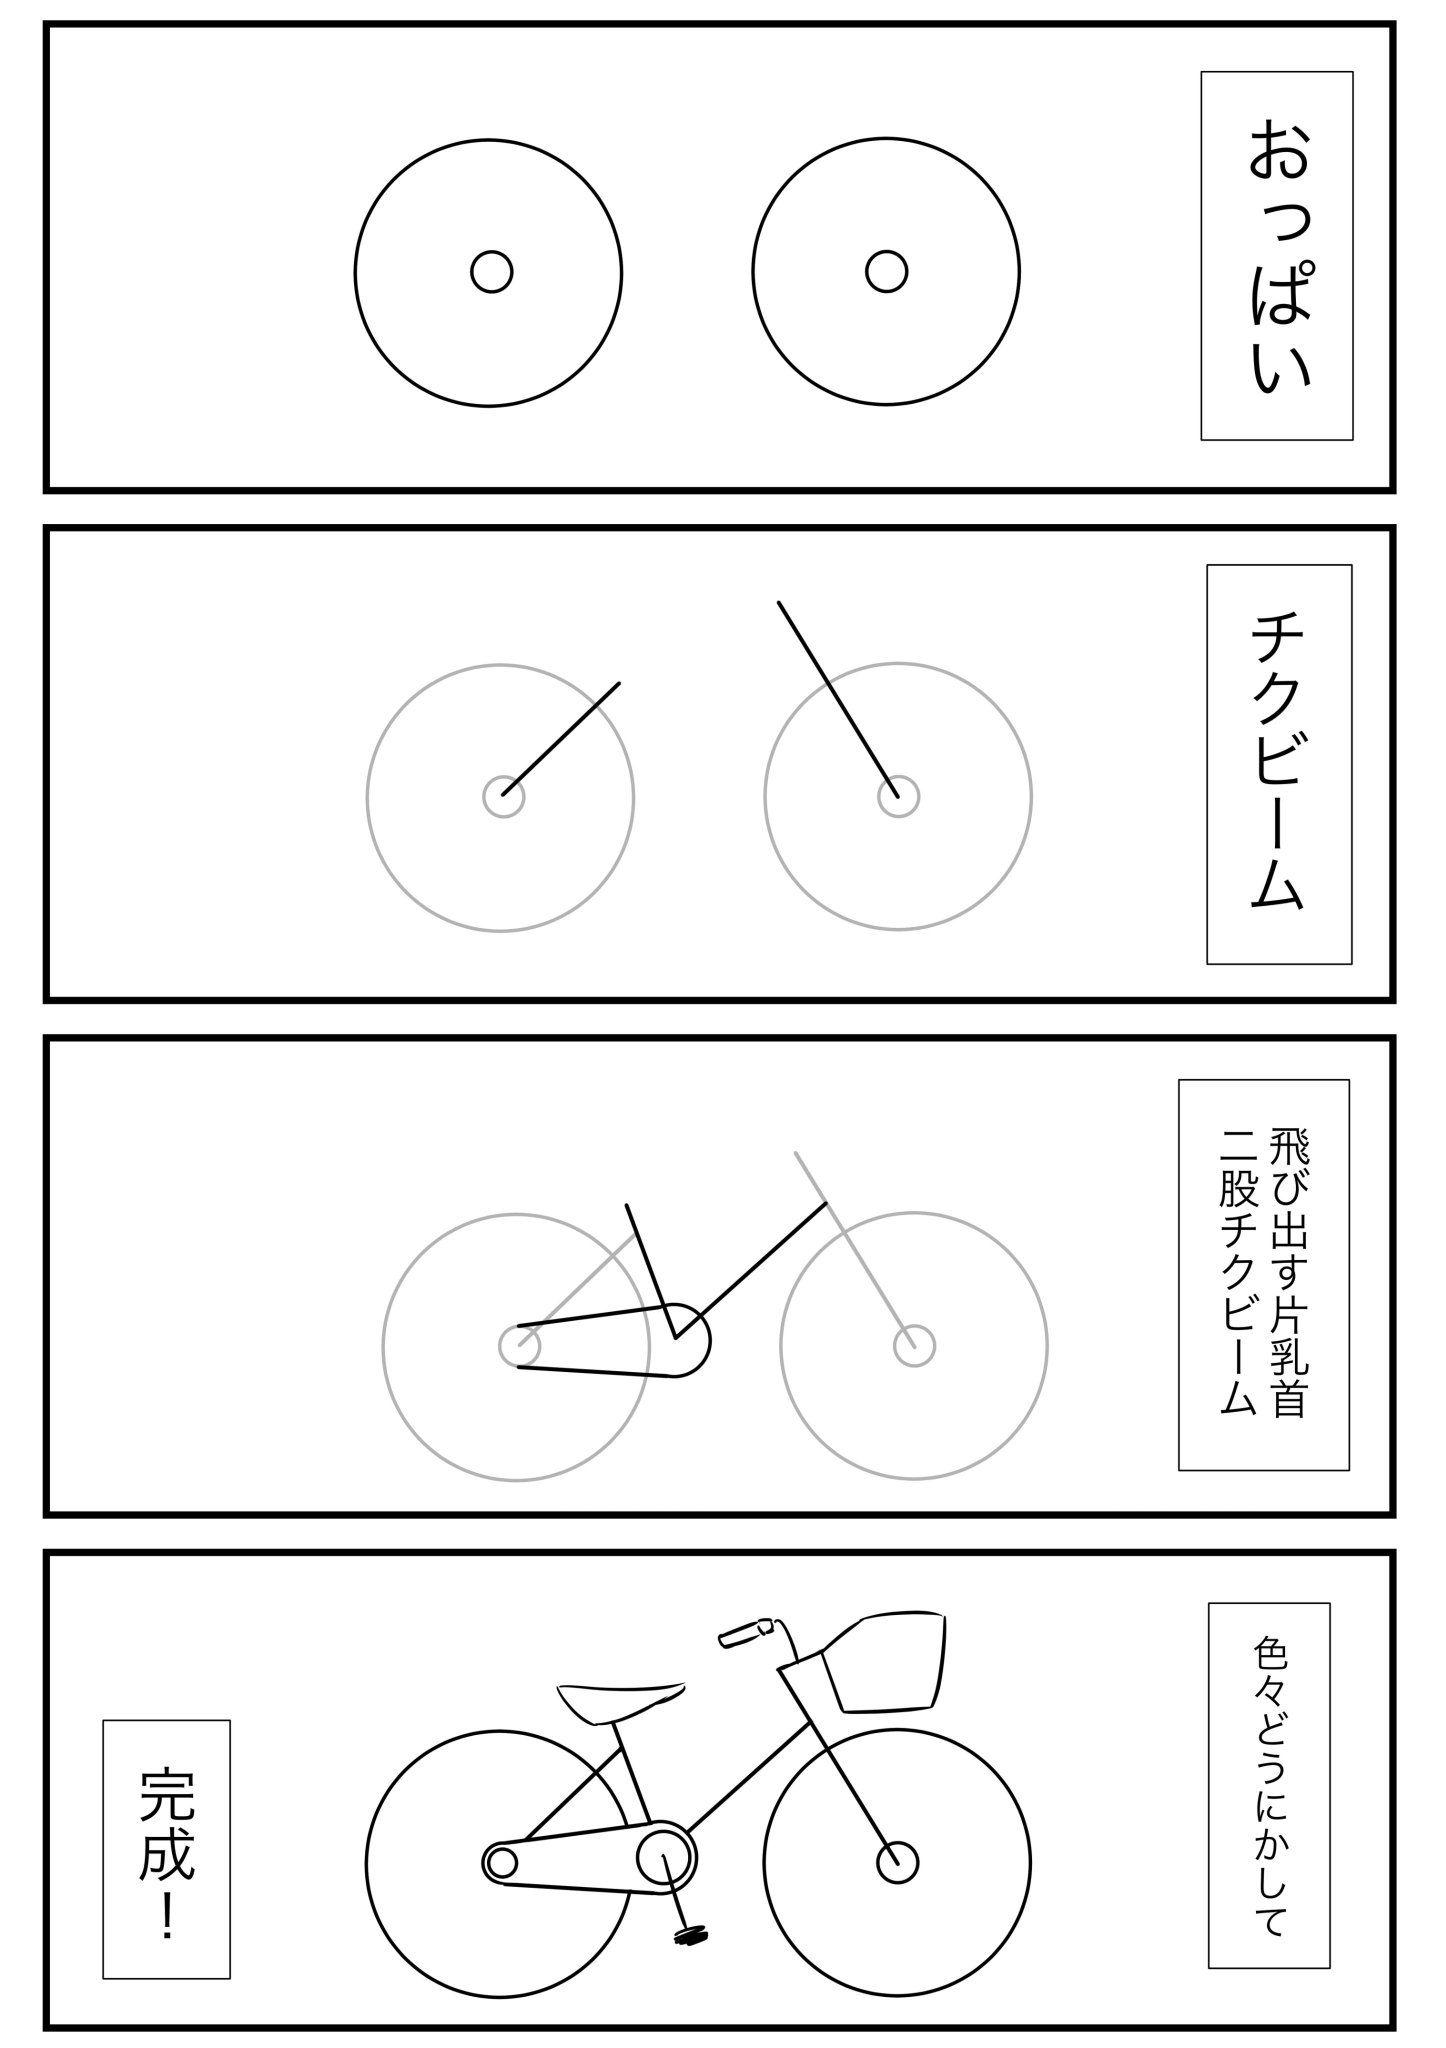 最高の壁紙 最も検索された 自転車 イラスト 書き方 簡単 イラスト 書き方 自転車アート 子供のお絵かき